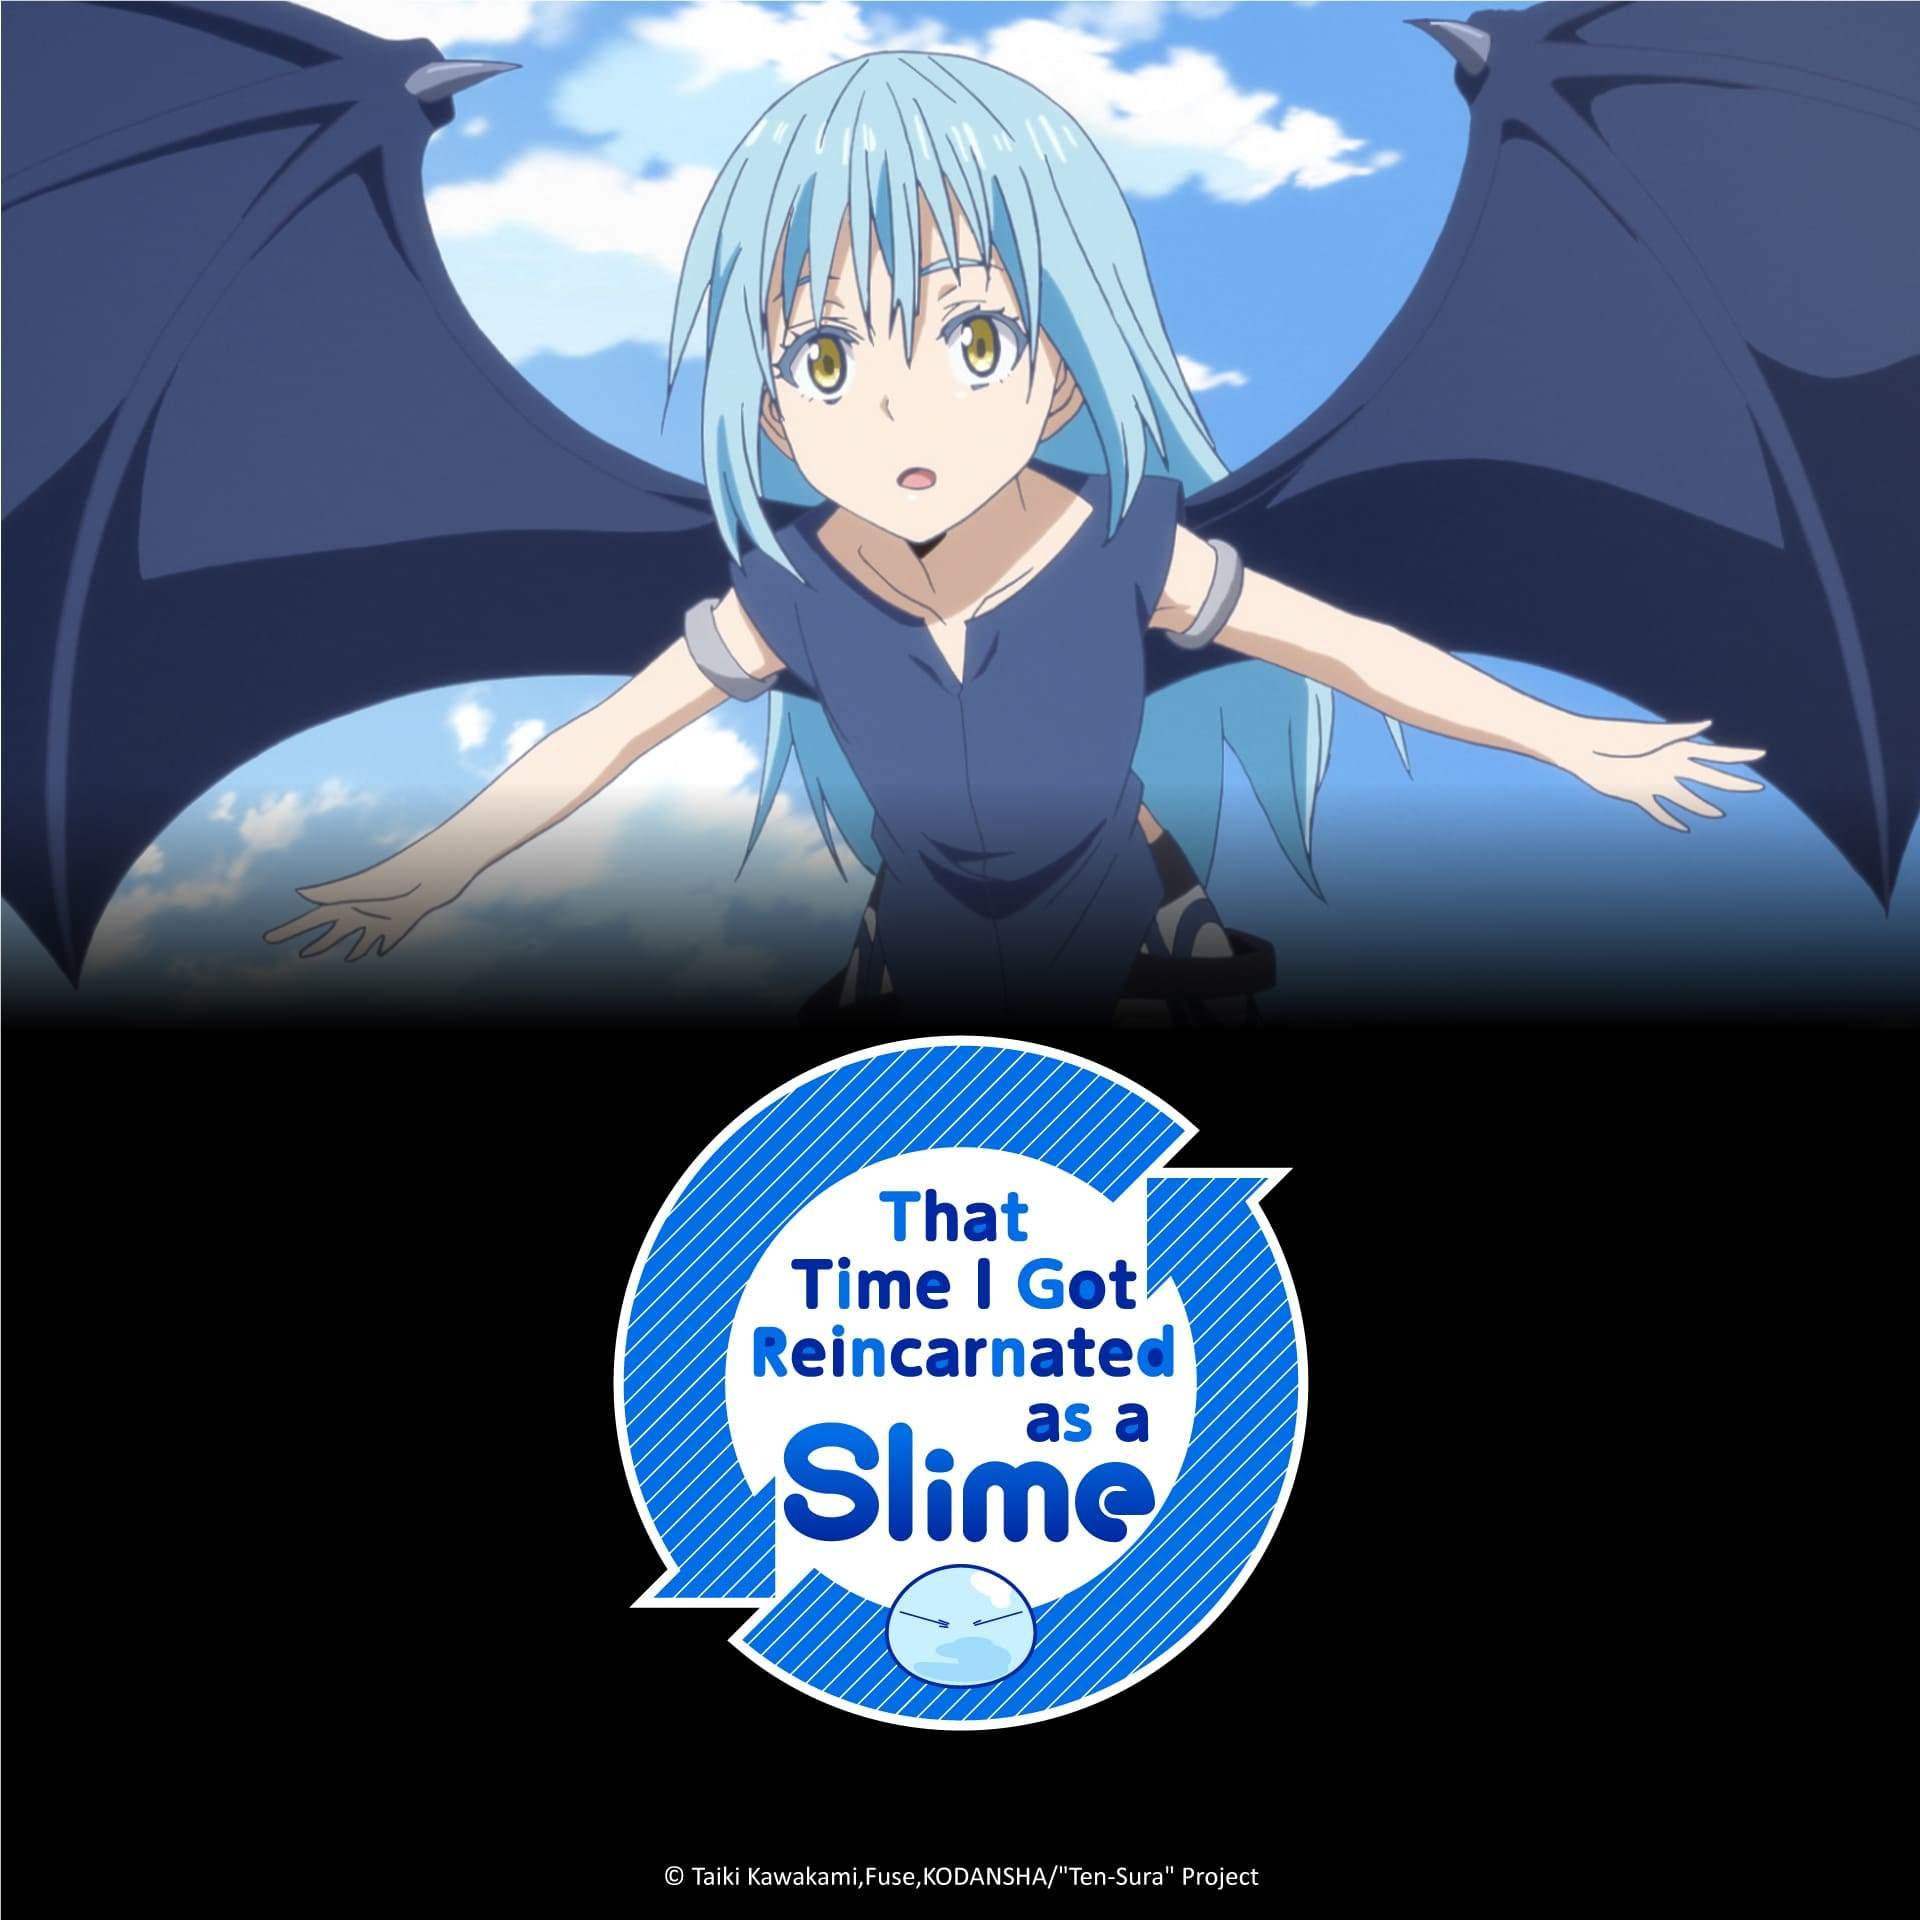 เกิดใหม่ทั้งทีก็เป็นสไลม์ไปซะแล้ว | That Time I Got Reincarnated as a Slime